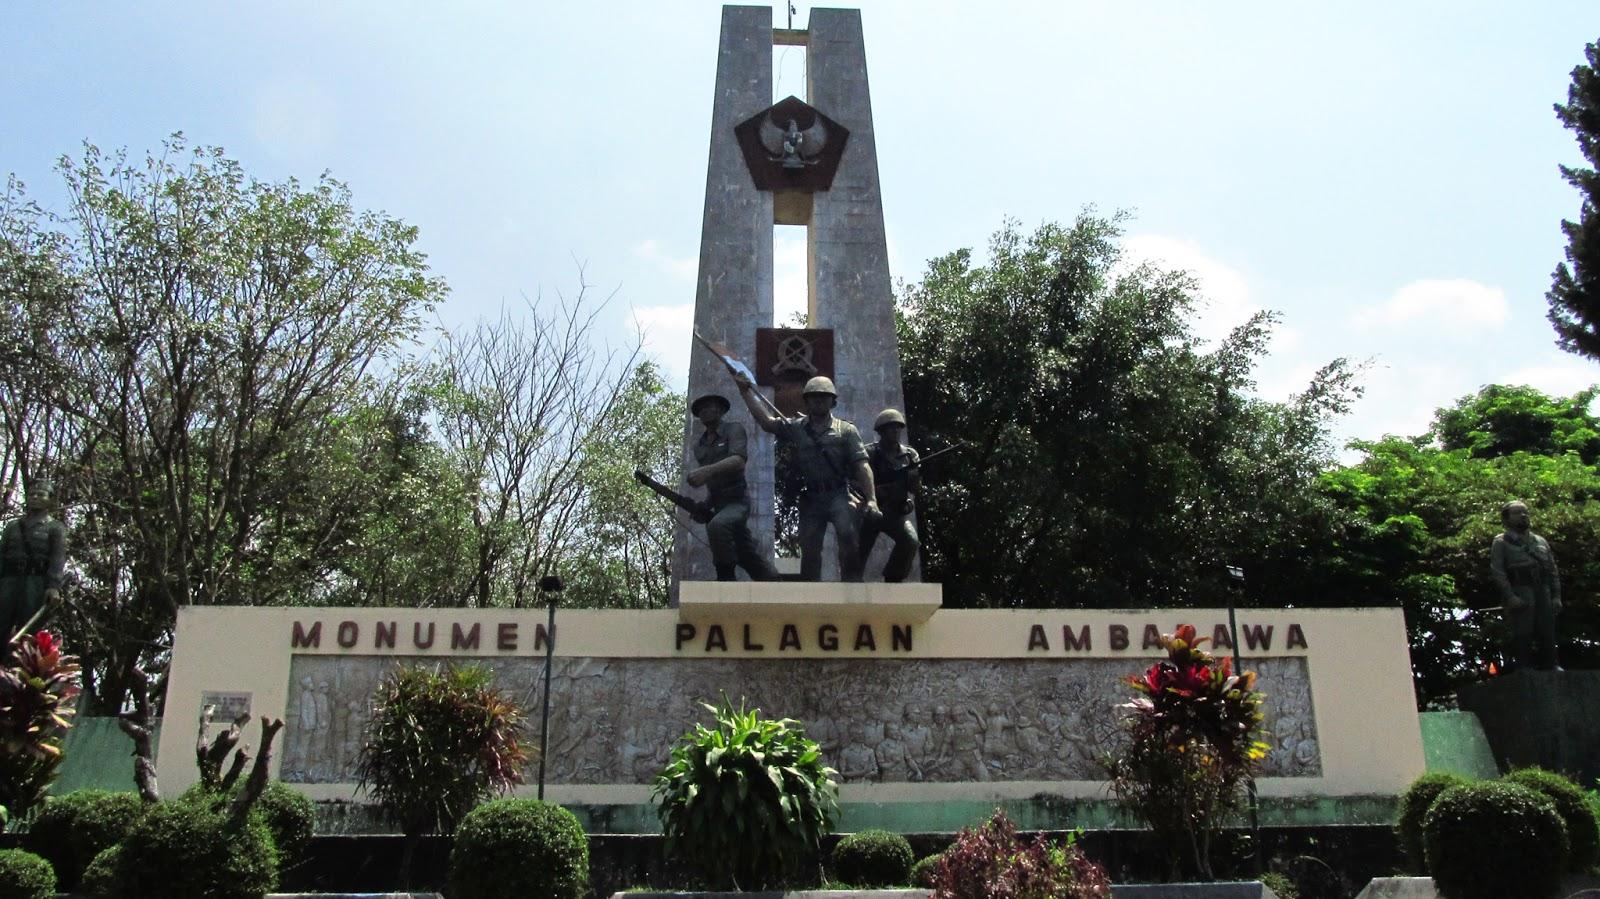 Monumen Palagan Ambarawa, Wisata Sejarah Terkenang Jendral Soedirman di Masa Penjajahan Jepang dan Belanda